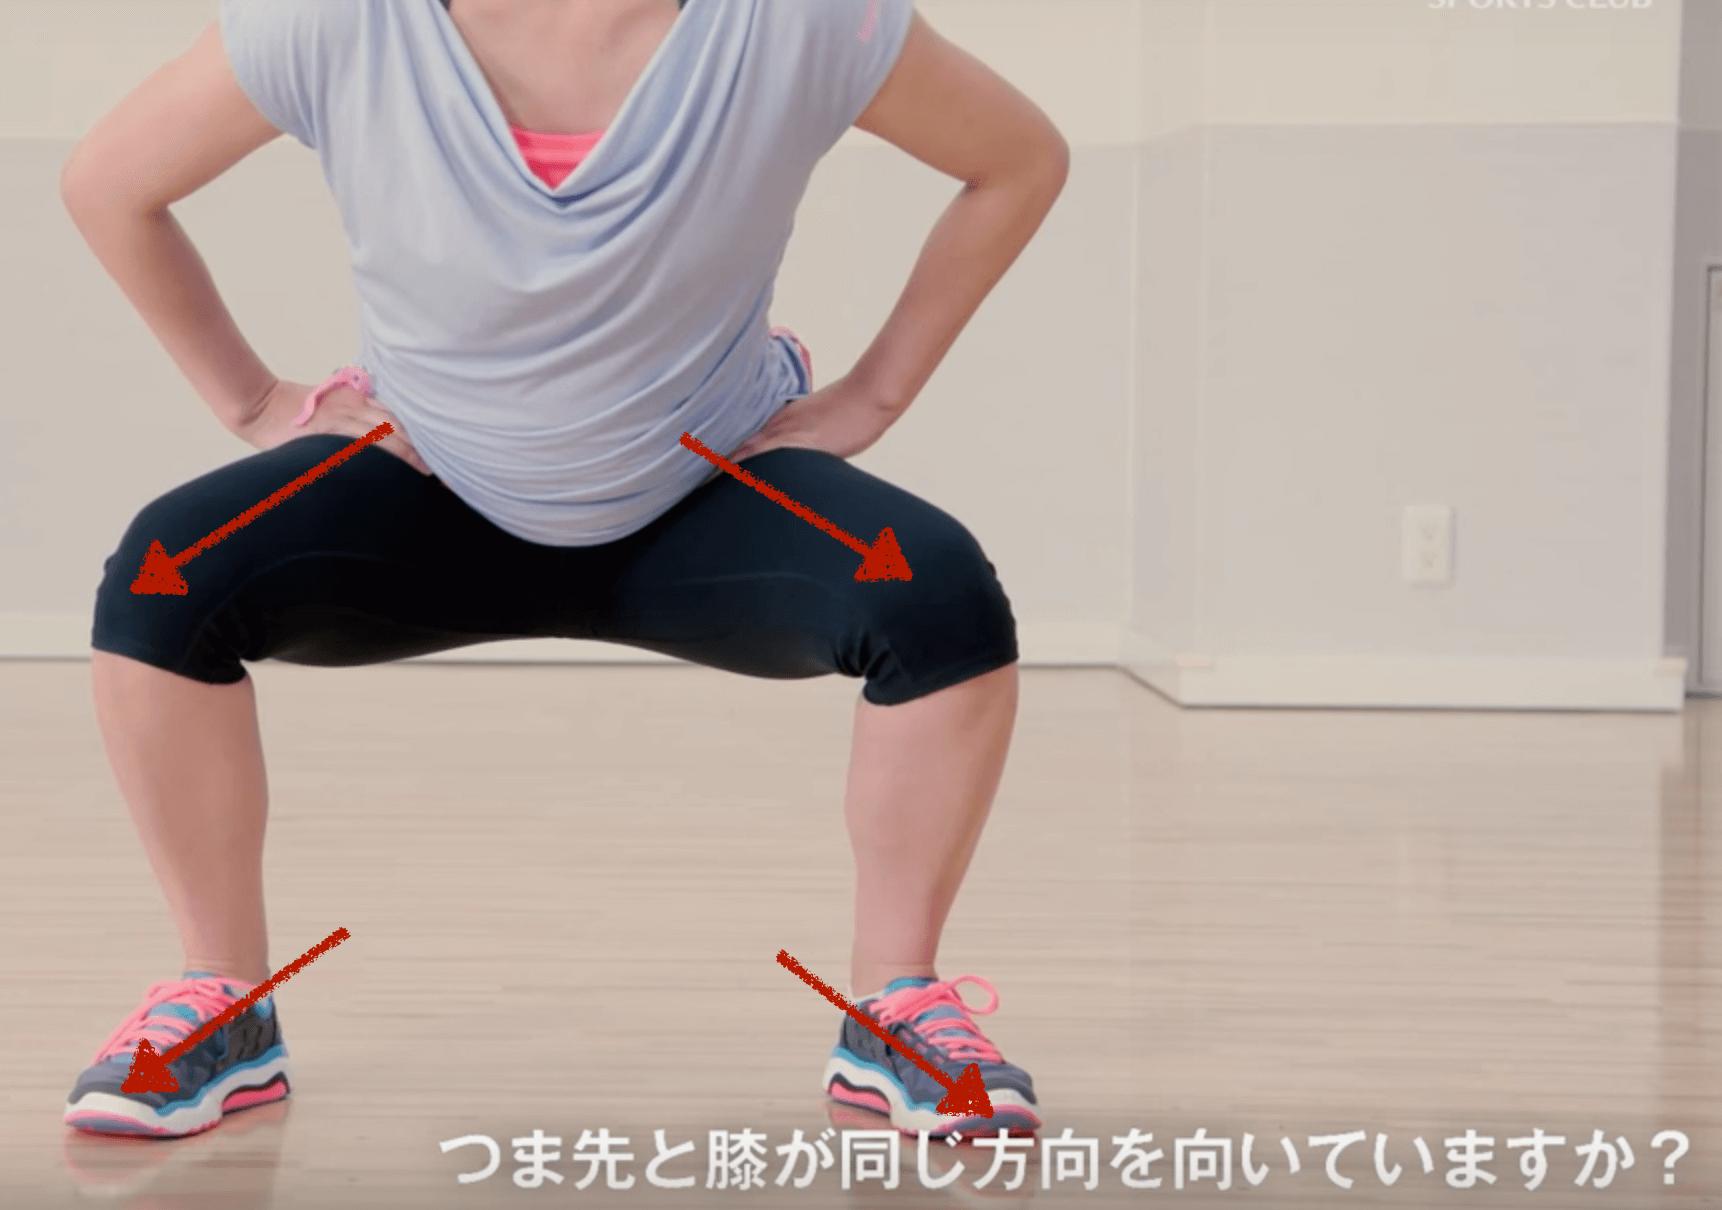 スクワットの正しい態勢(つま先と膝の向き)